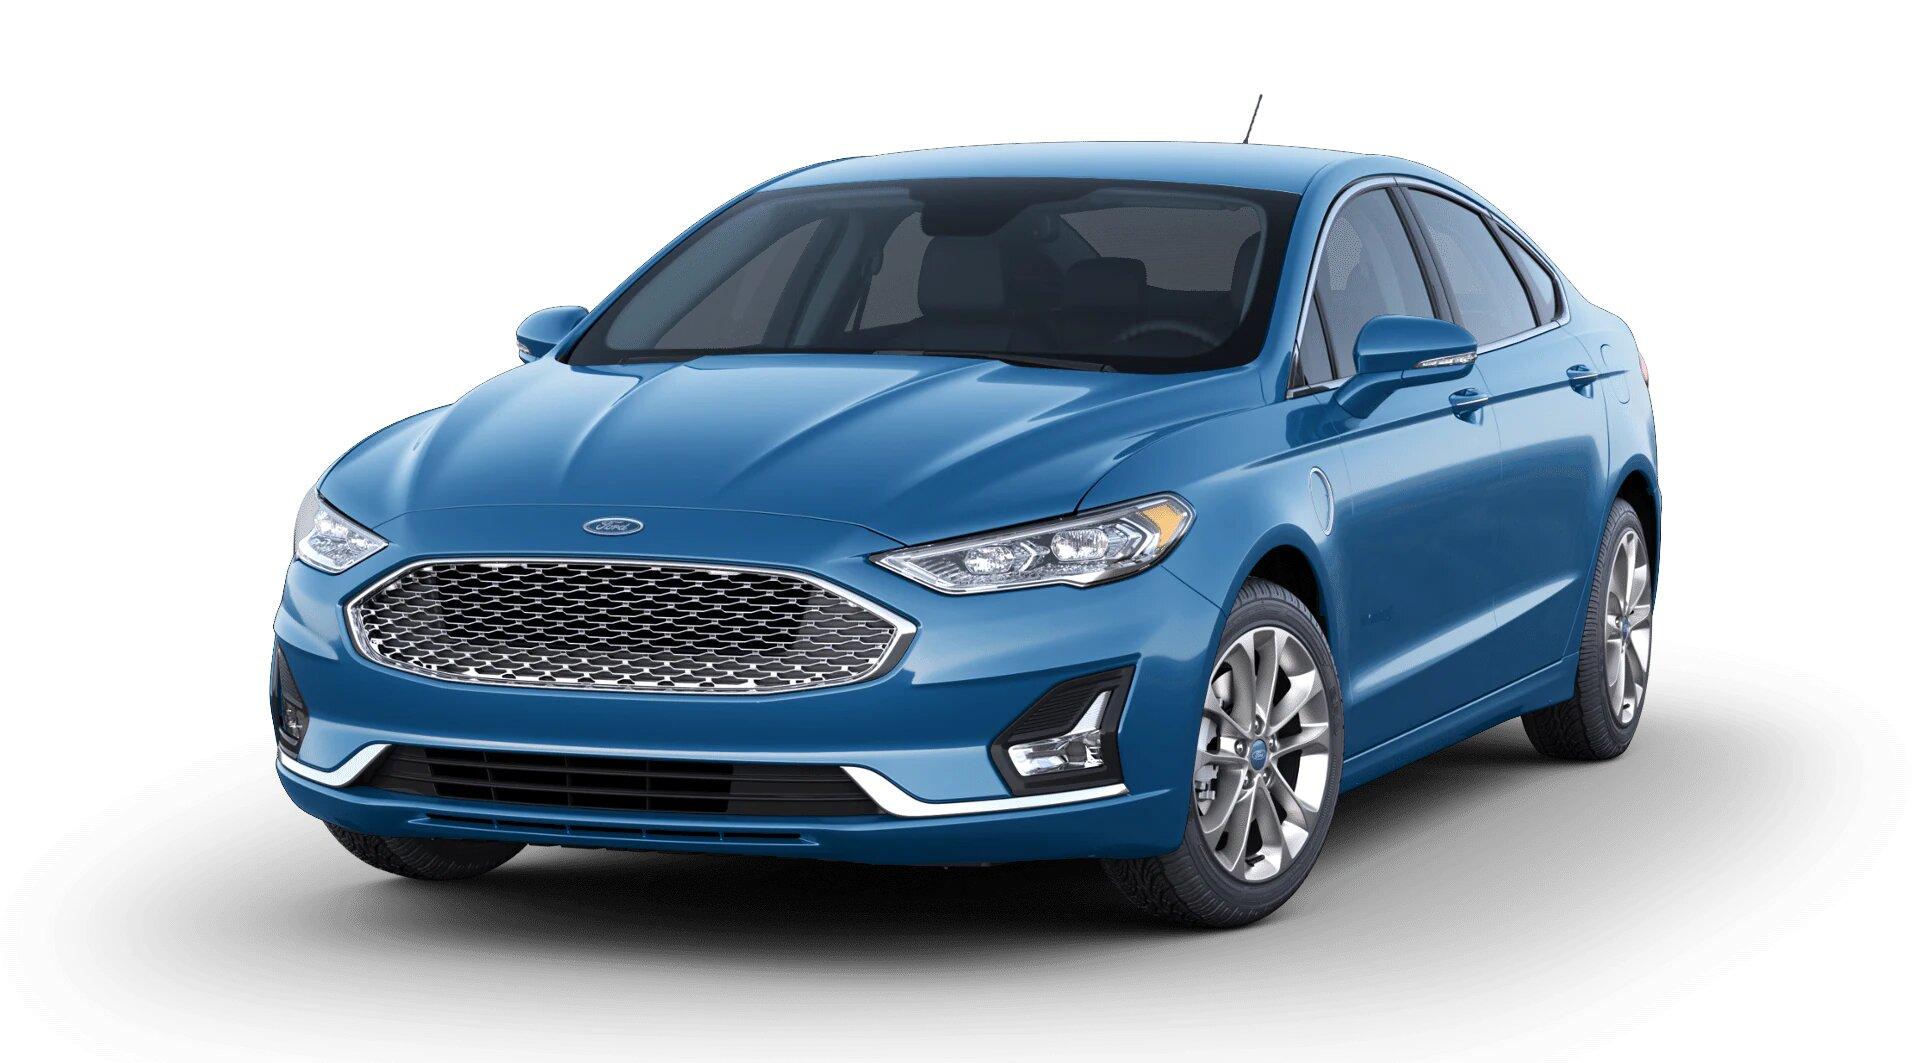 El Ford Mondeo/Fusion nos dirá adiós en breve: ¿conoces el híbrido enchufable?